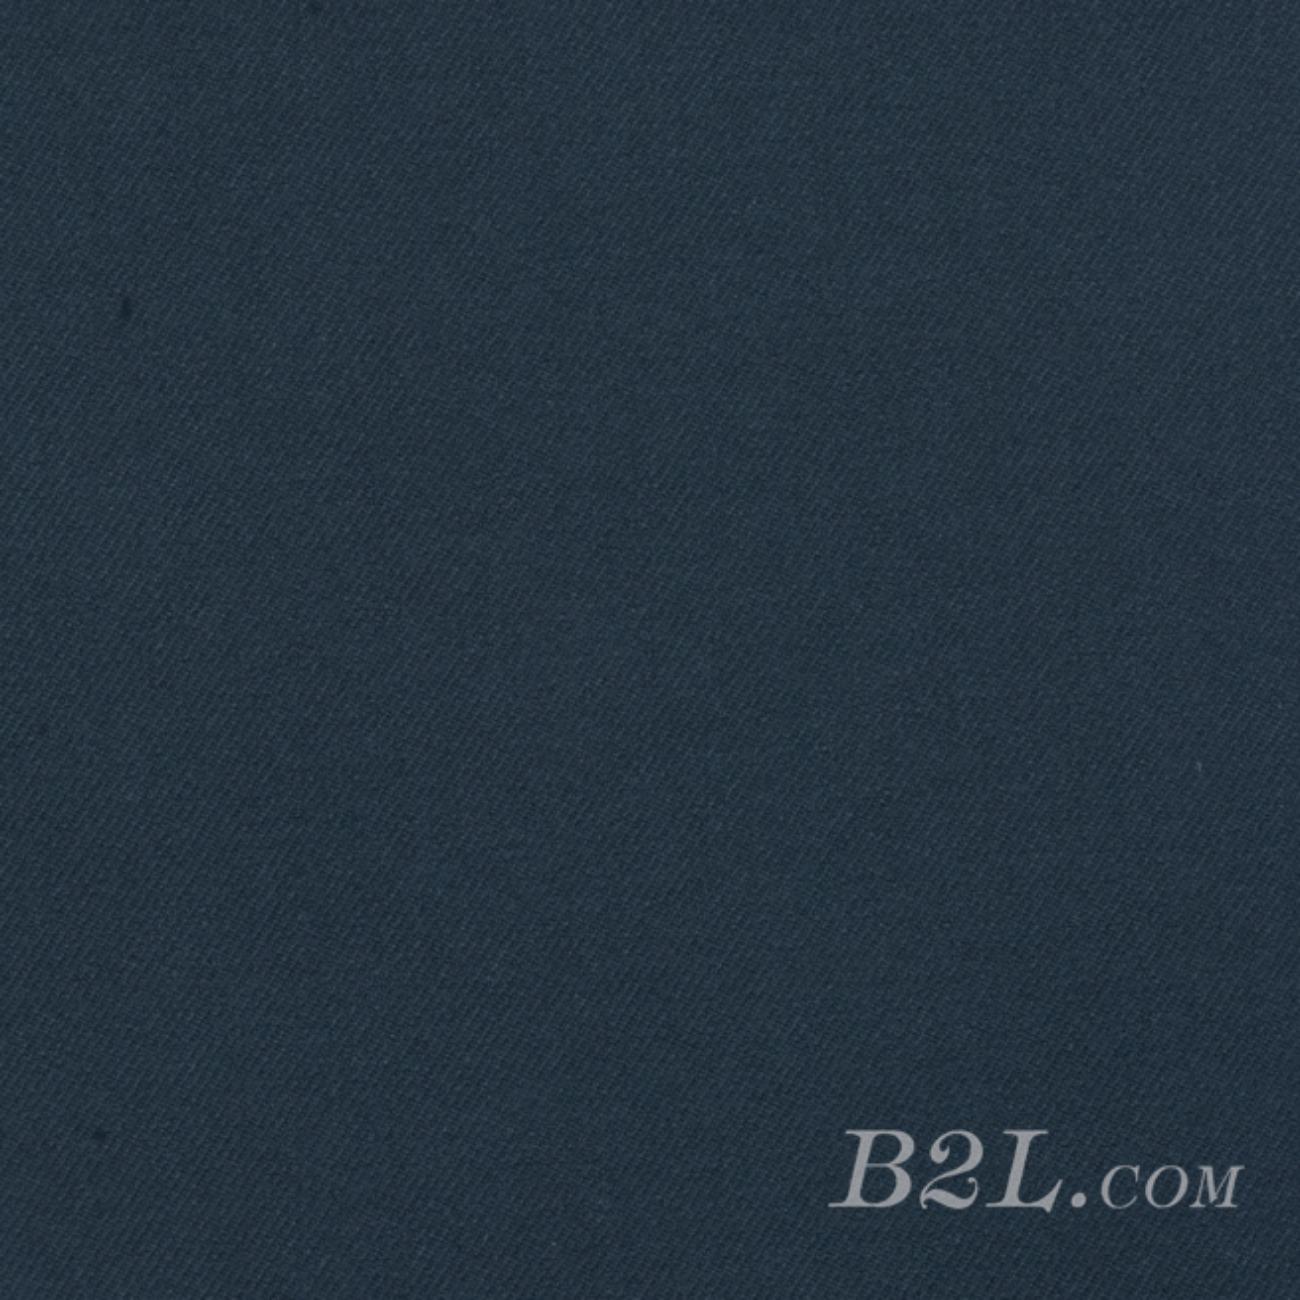 素色 梭织 染色 弹力 斜纹 春秋 裤装 外套 女装 90827-6